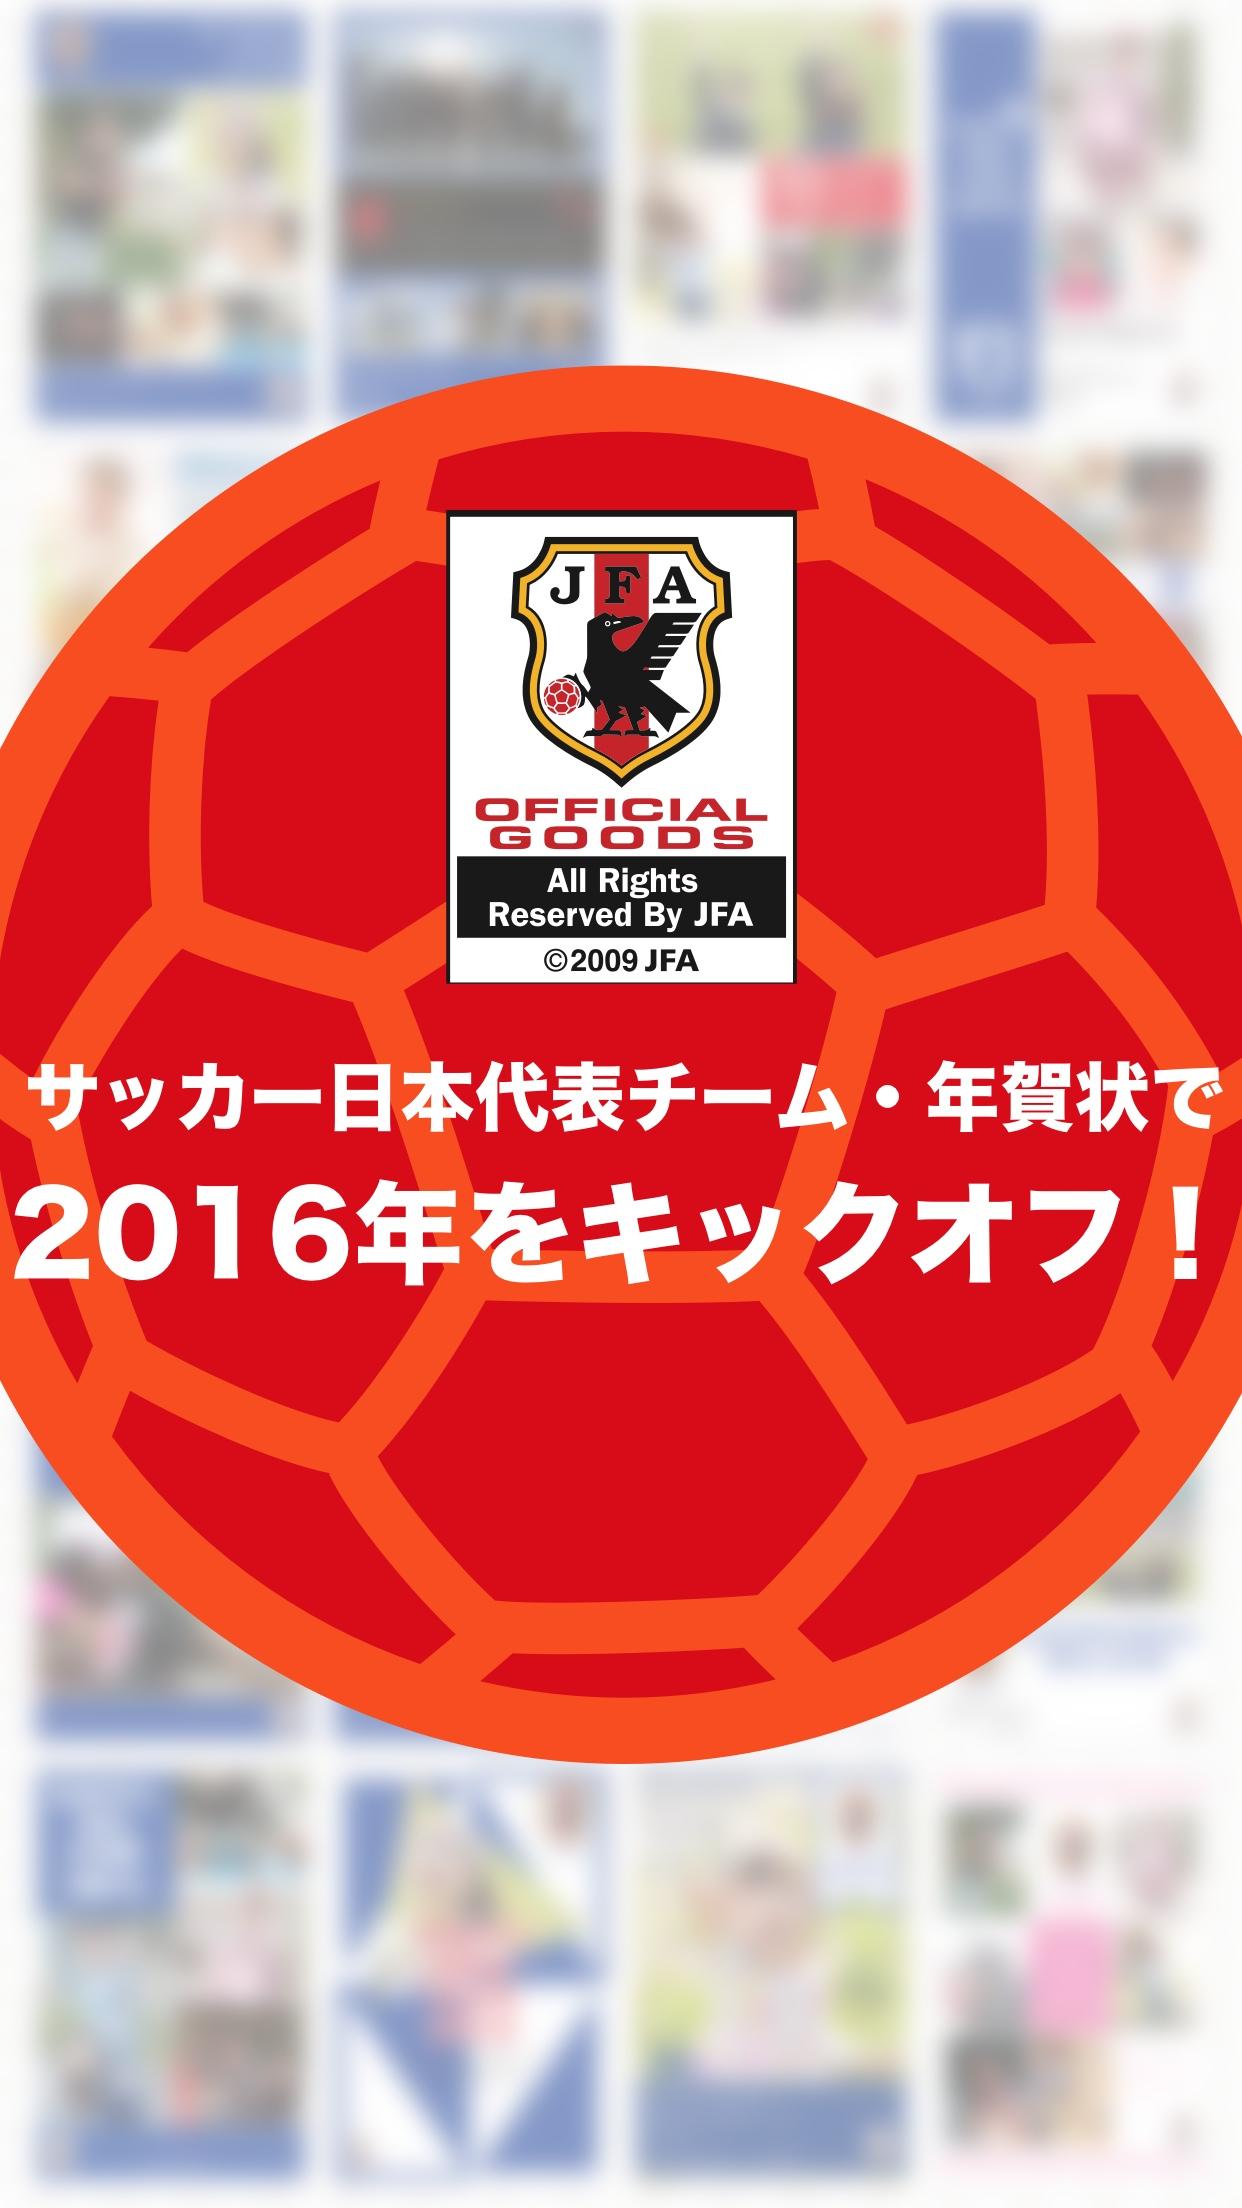 「サッカー日本代表チーム・年賀状2016-スマホで写真年賀状-」Android版サービス開始及び公式サイト公開のお知らせ